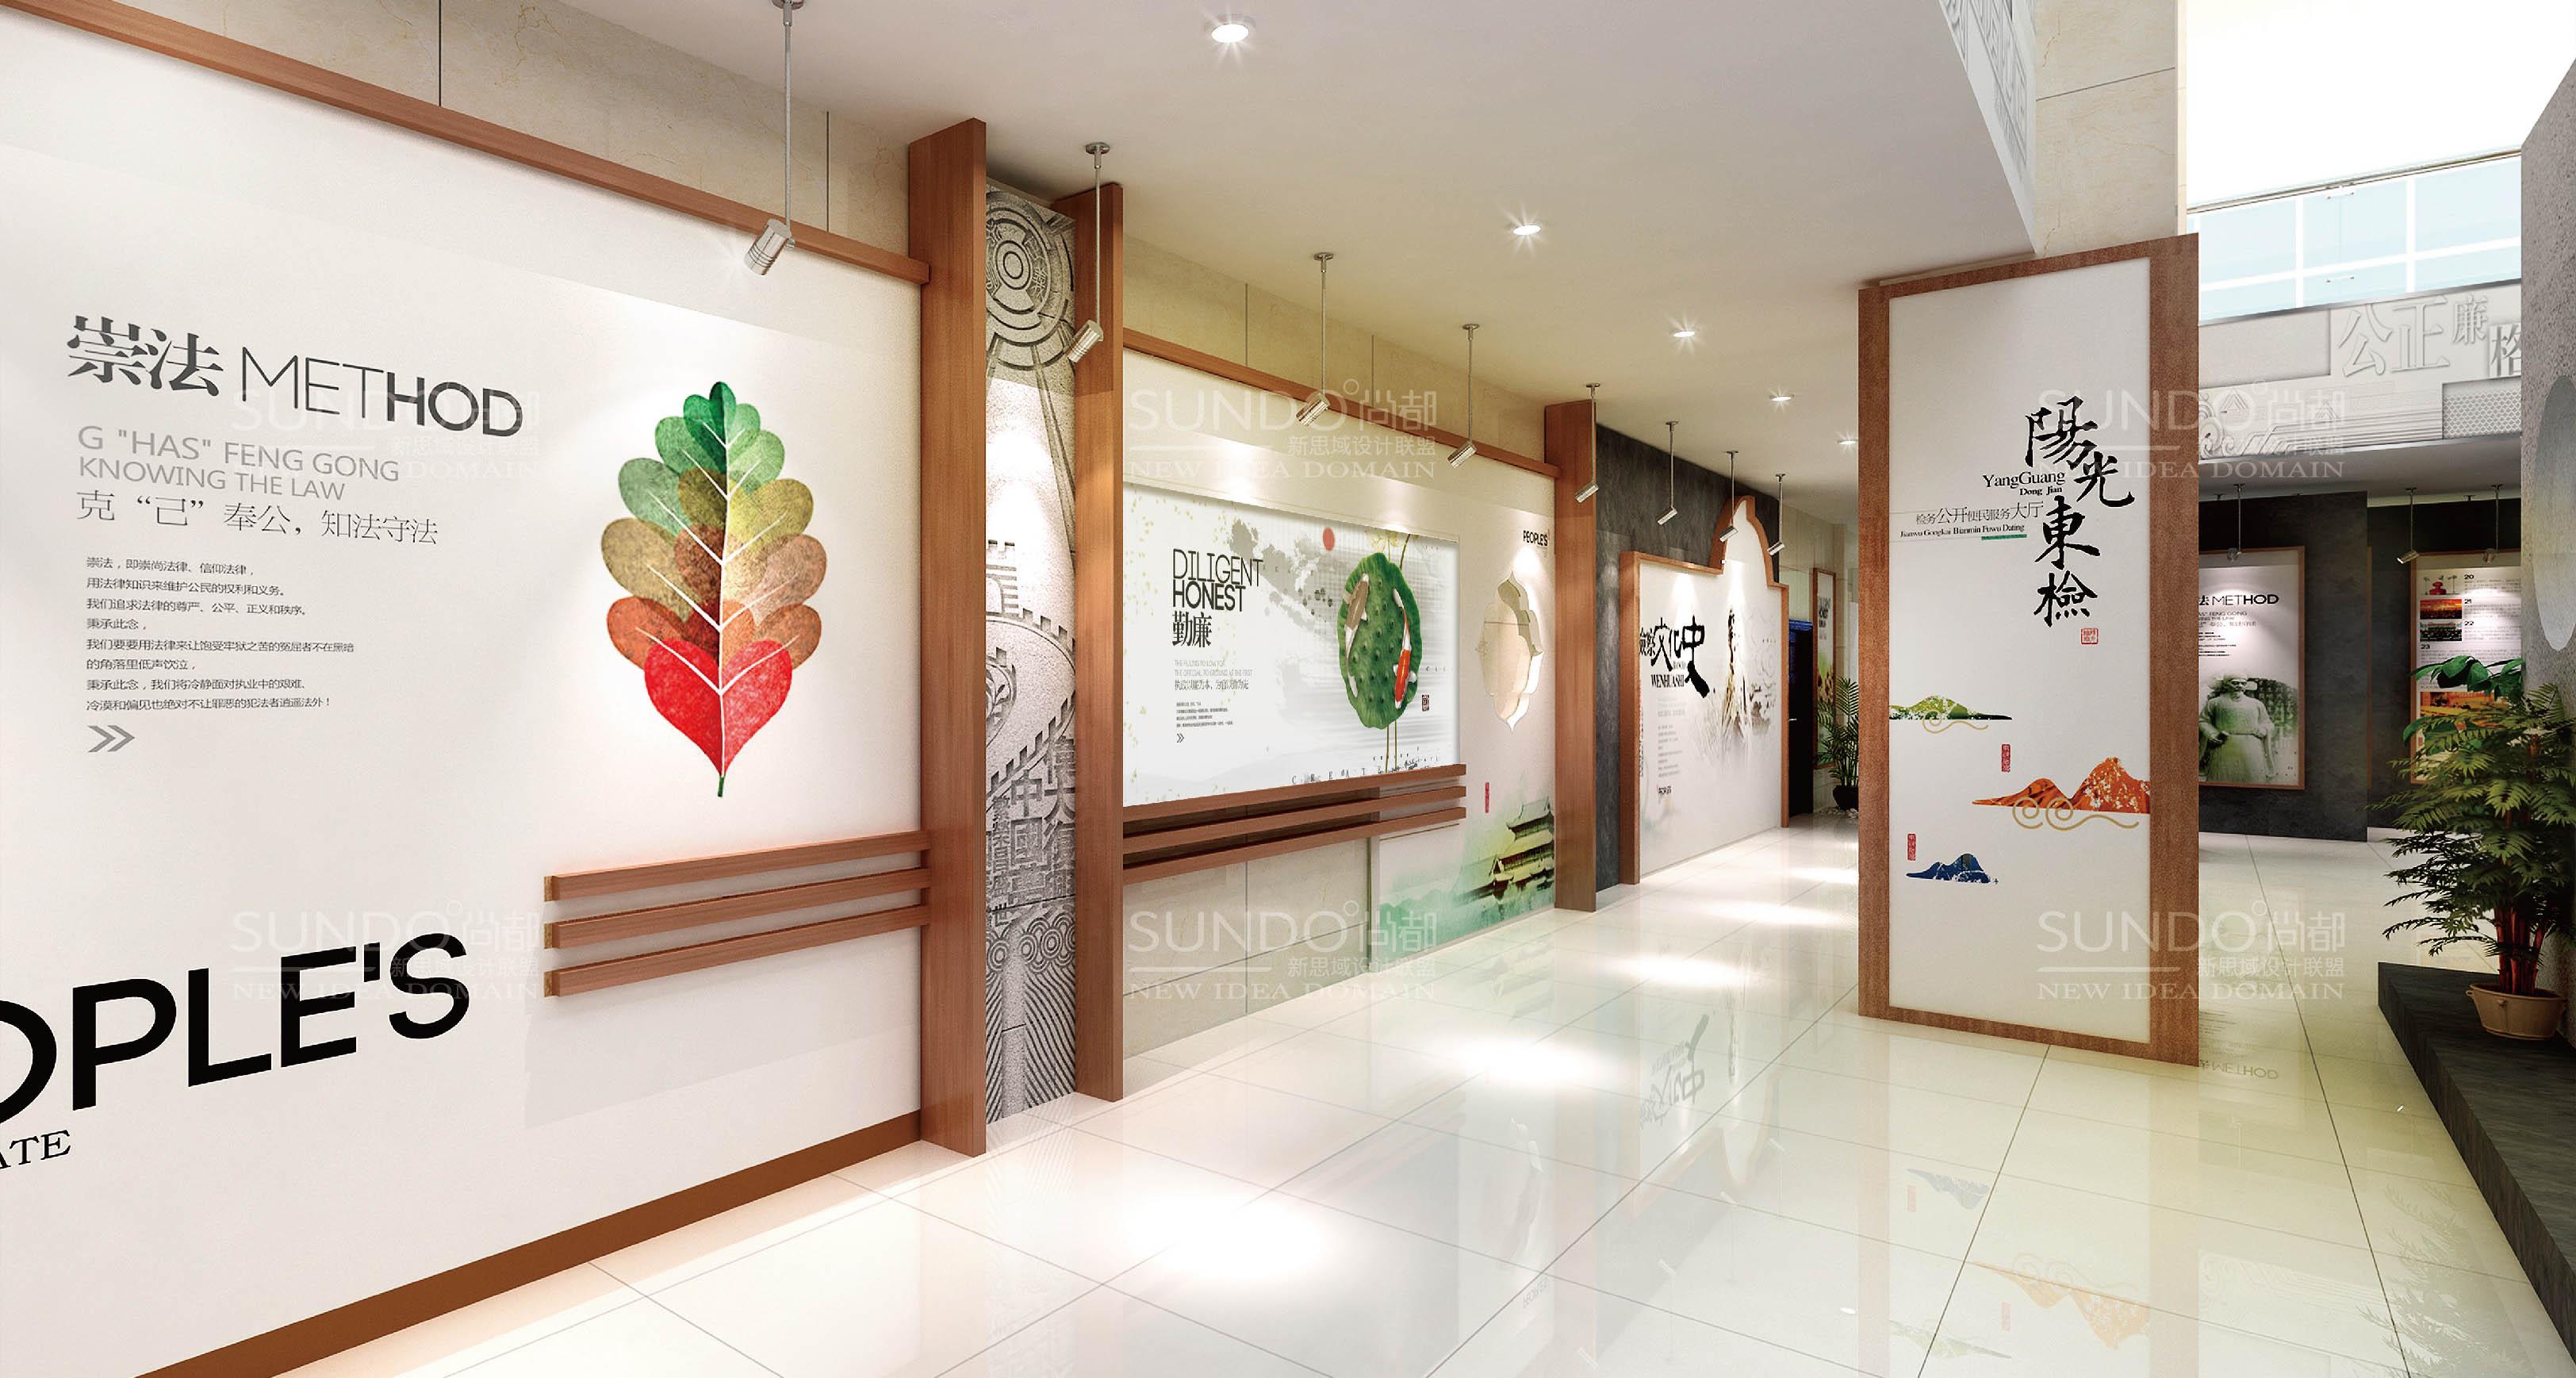 检察文化建设,检察文化展厅,室外景观小品,室内空间文化设计 创意革新